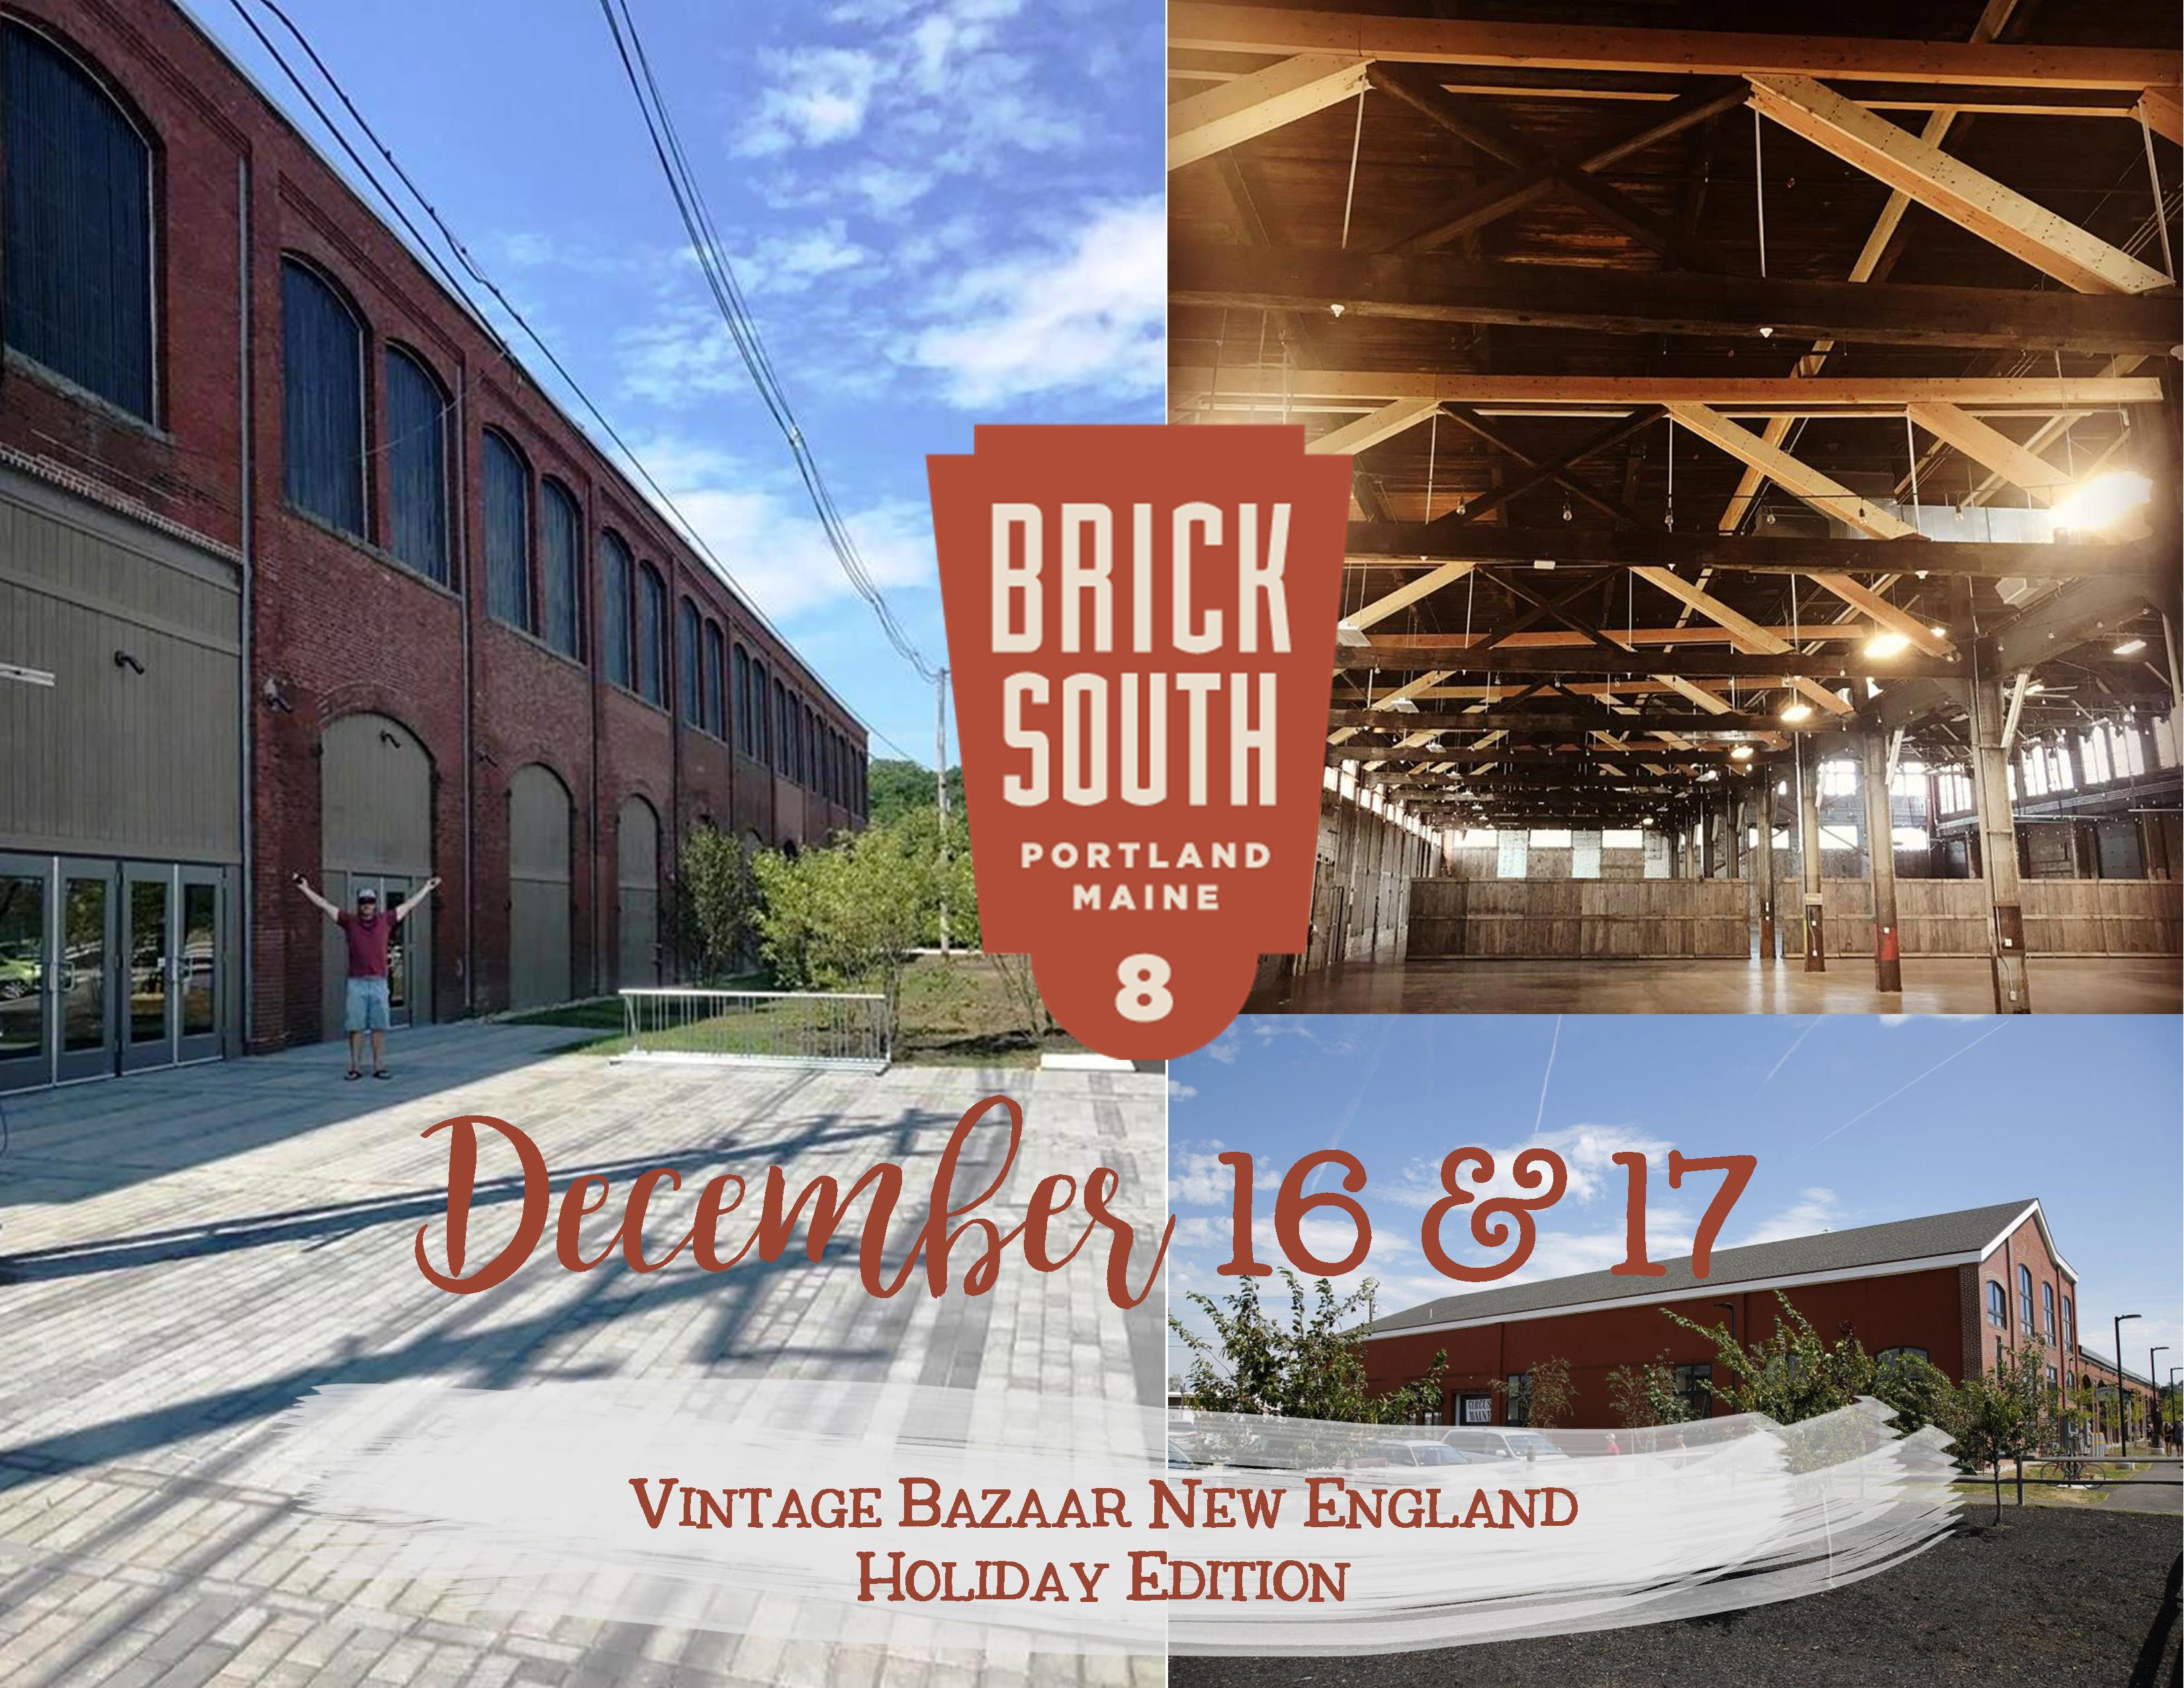 Vintage Bazaar New England - Holiday Edition Tickets, Sat, Dec 16 ...